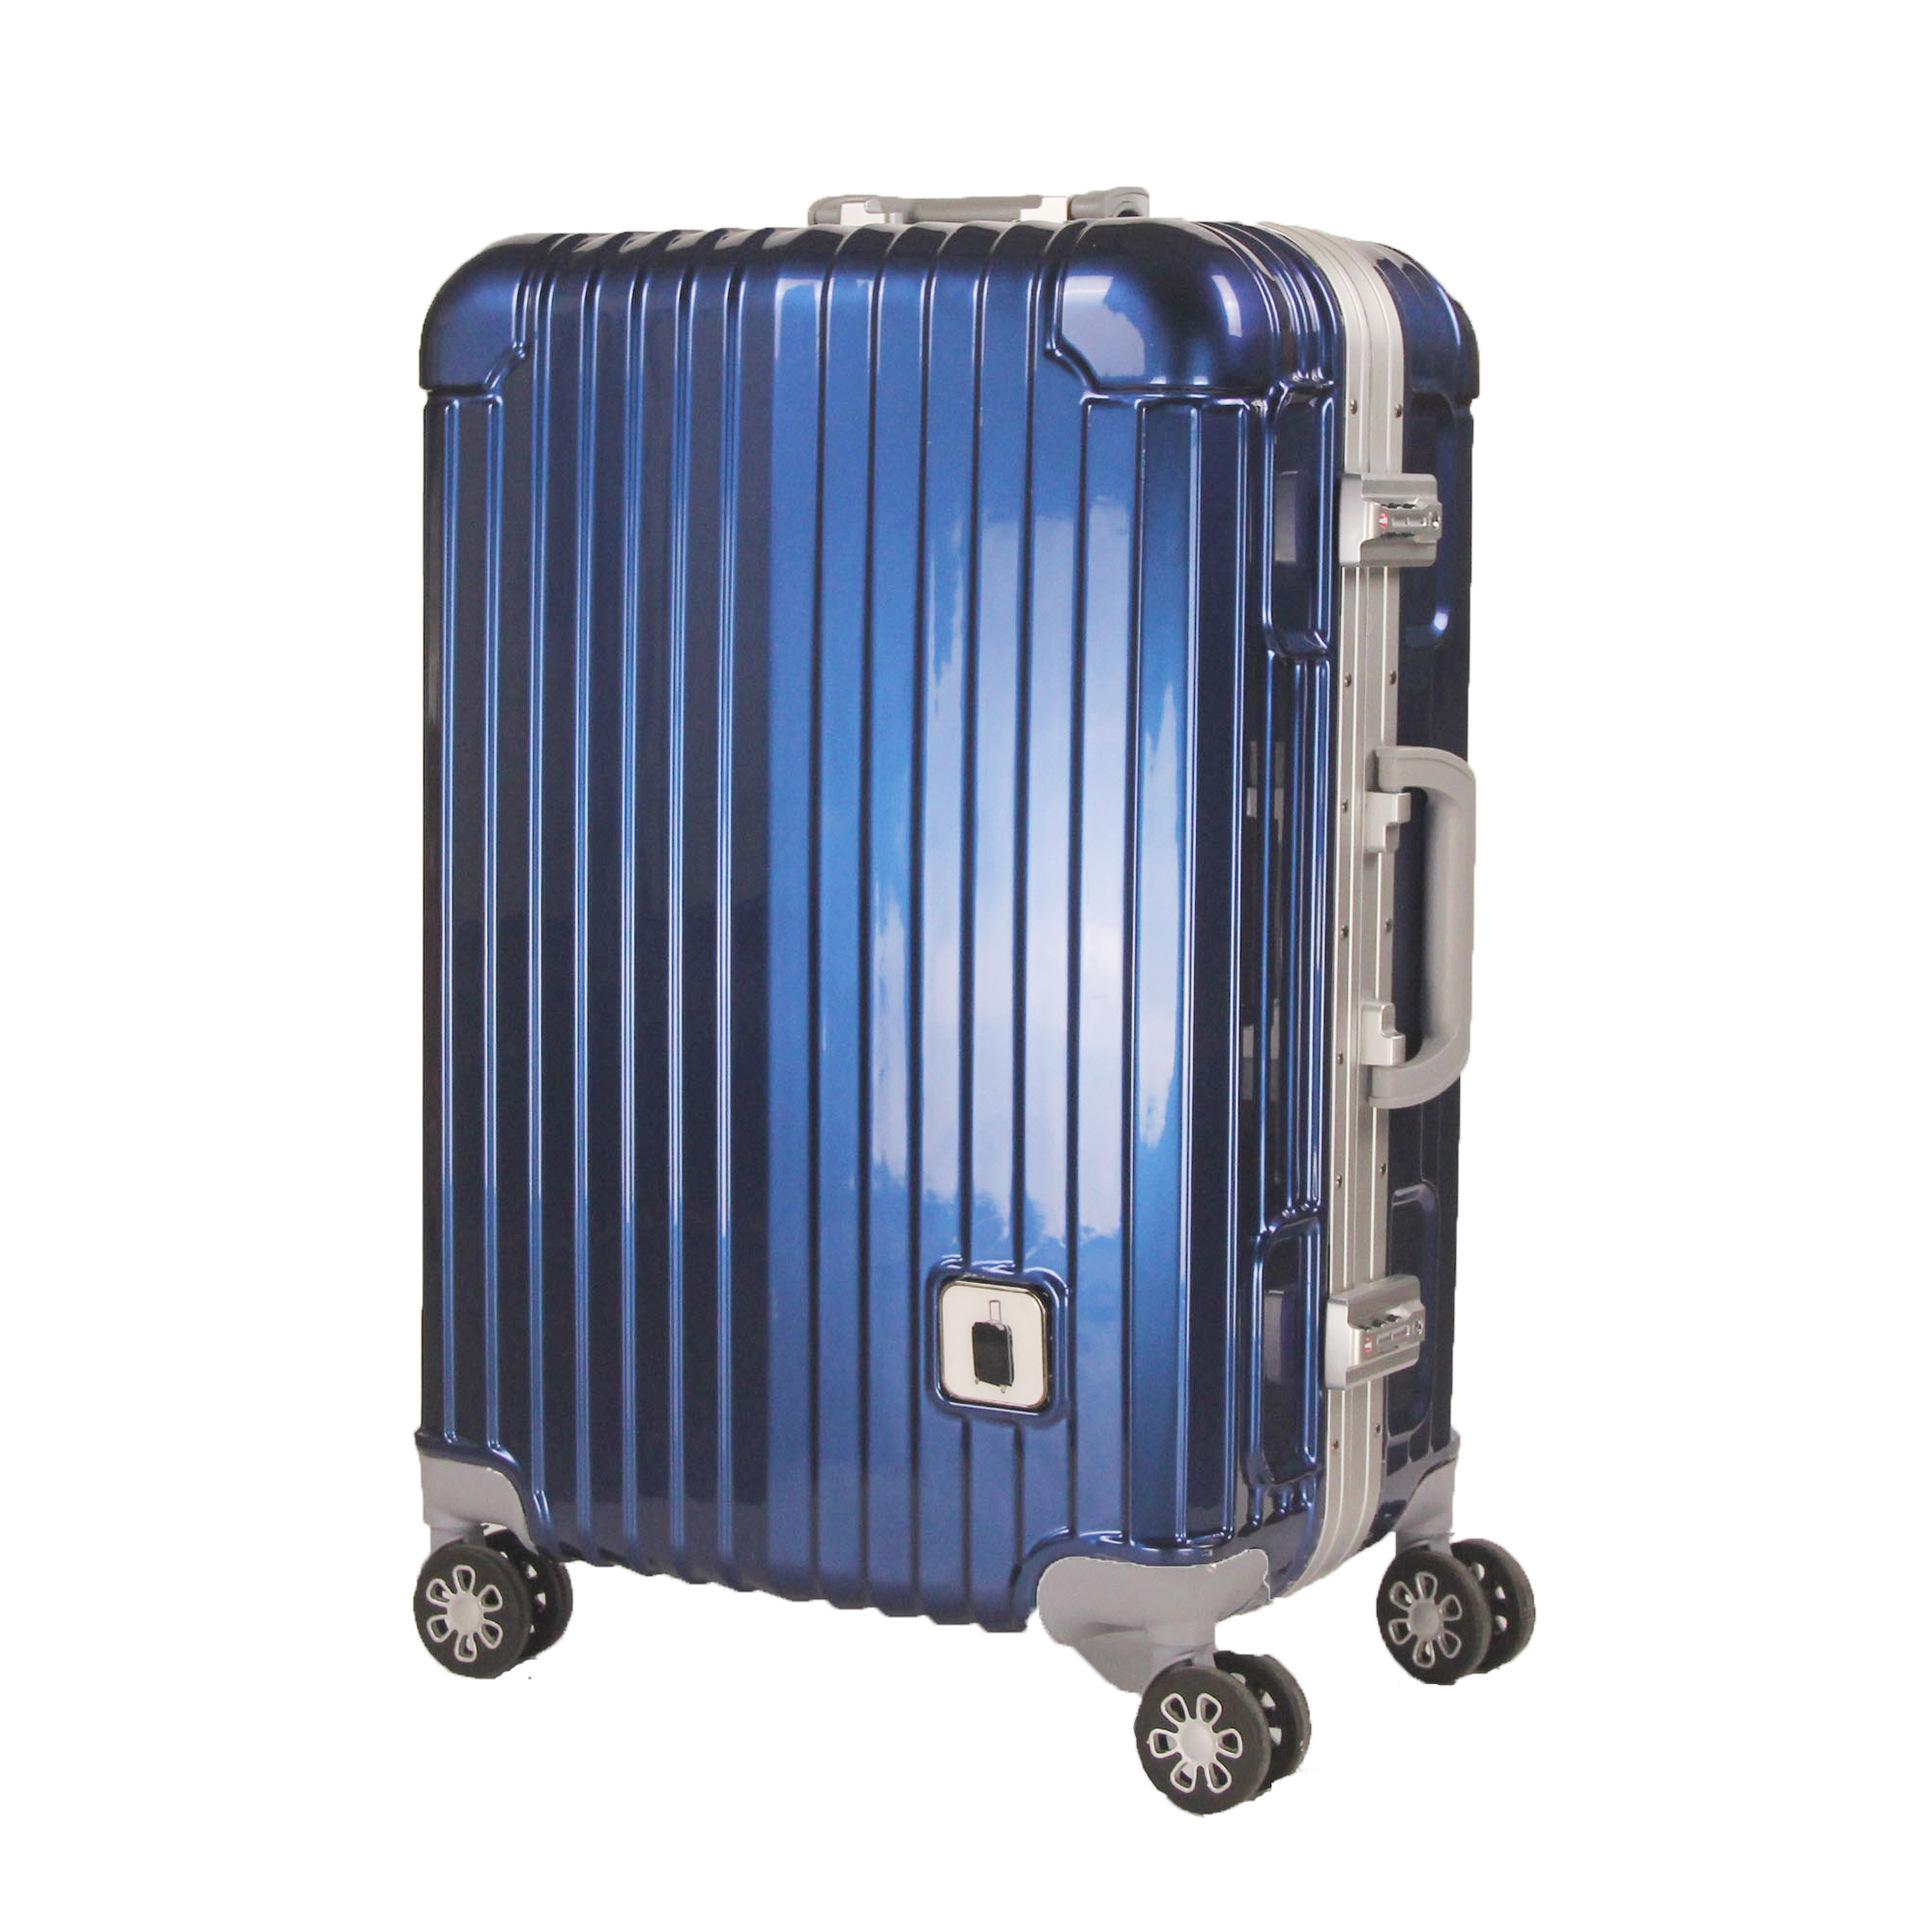 ละครเกาหลีพร้อมกล่องรถเข็นอลูมิเนียม กระเป๋าเดินทางล้อเลื่อน ABS+PCกระเป๋าเดินทาง 20-นิ้ว24-กระเป๋าเดินทางโครงบอร์ดขนาดน